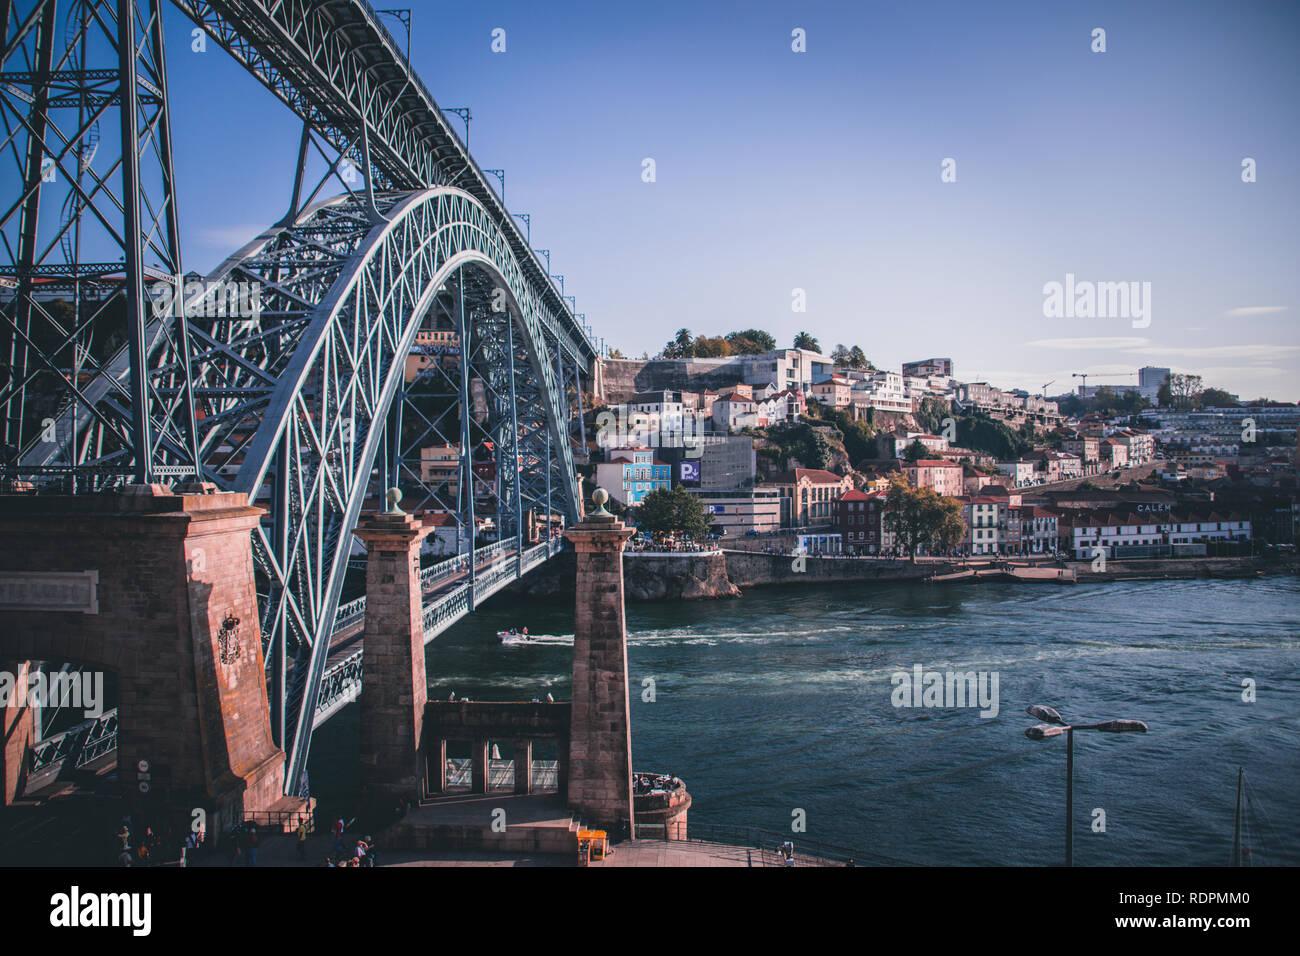 Skyline of Porto - Stock Image